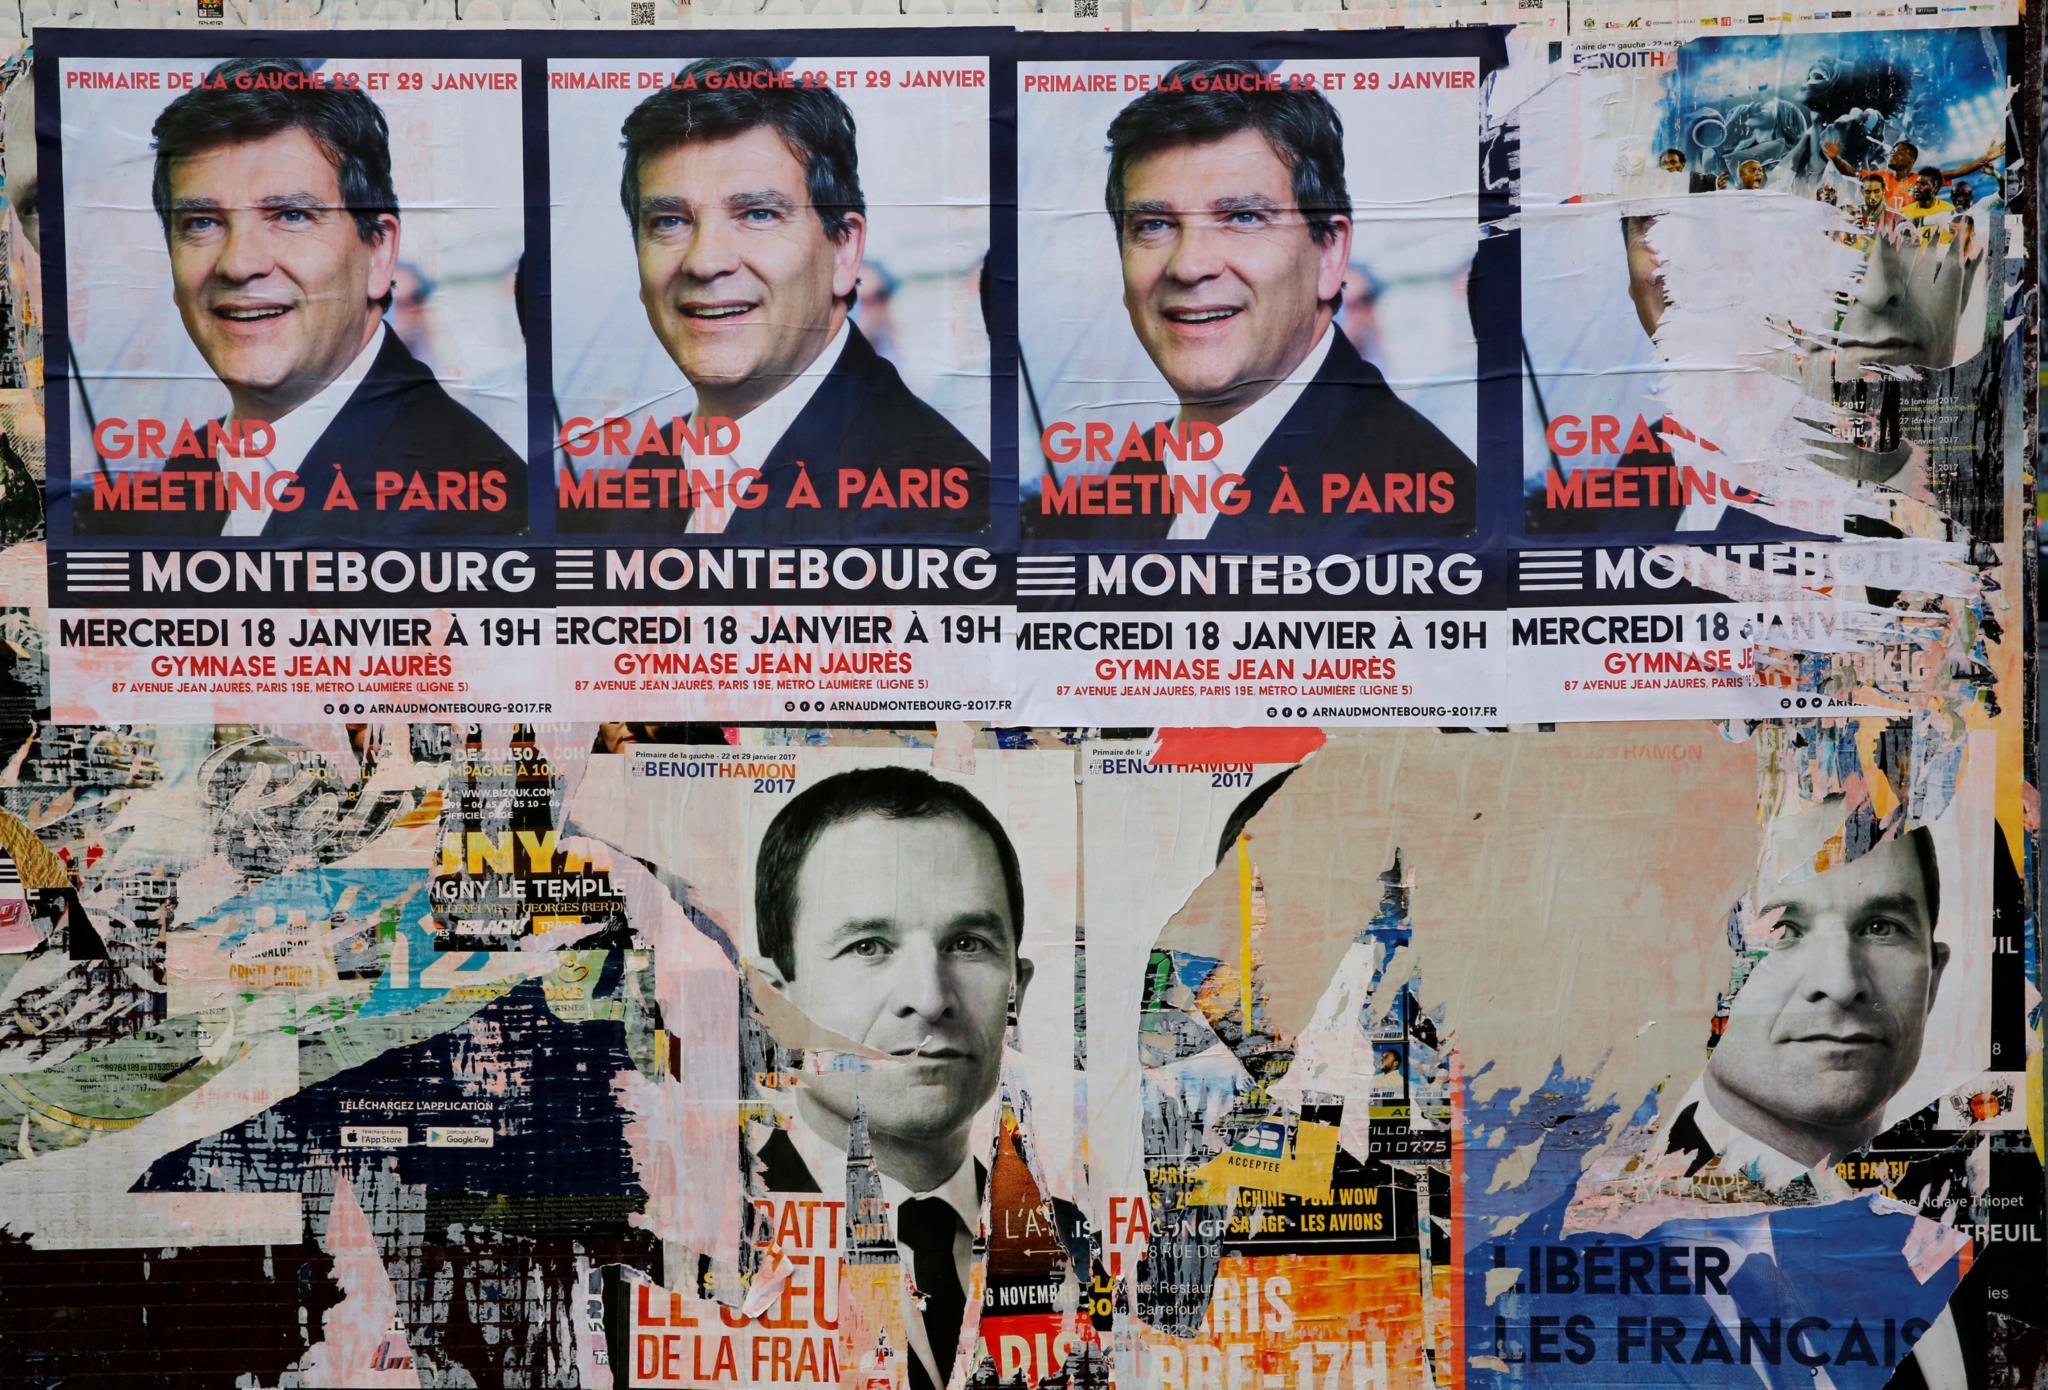 PÚBLICO - Macron, Valls ou Montebourg: um deles poderá salvar ou enterrar o PS francês